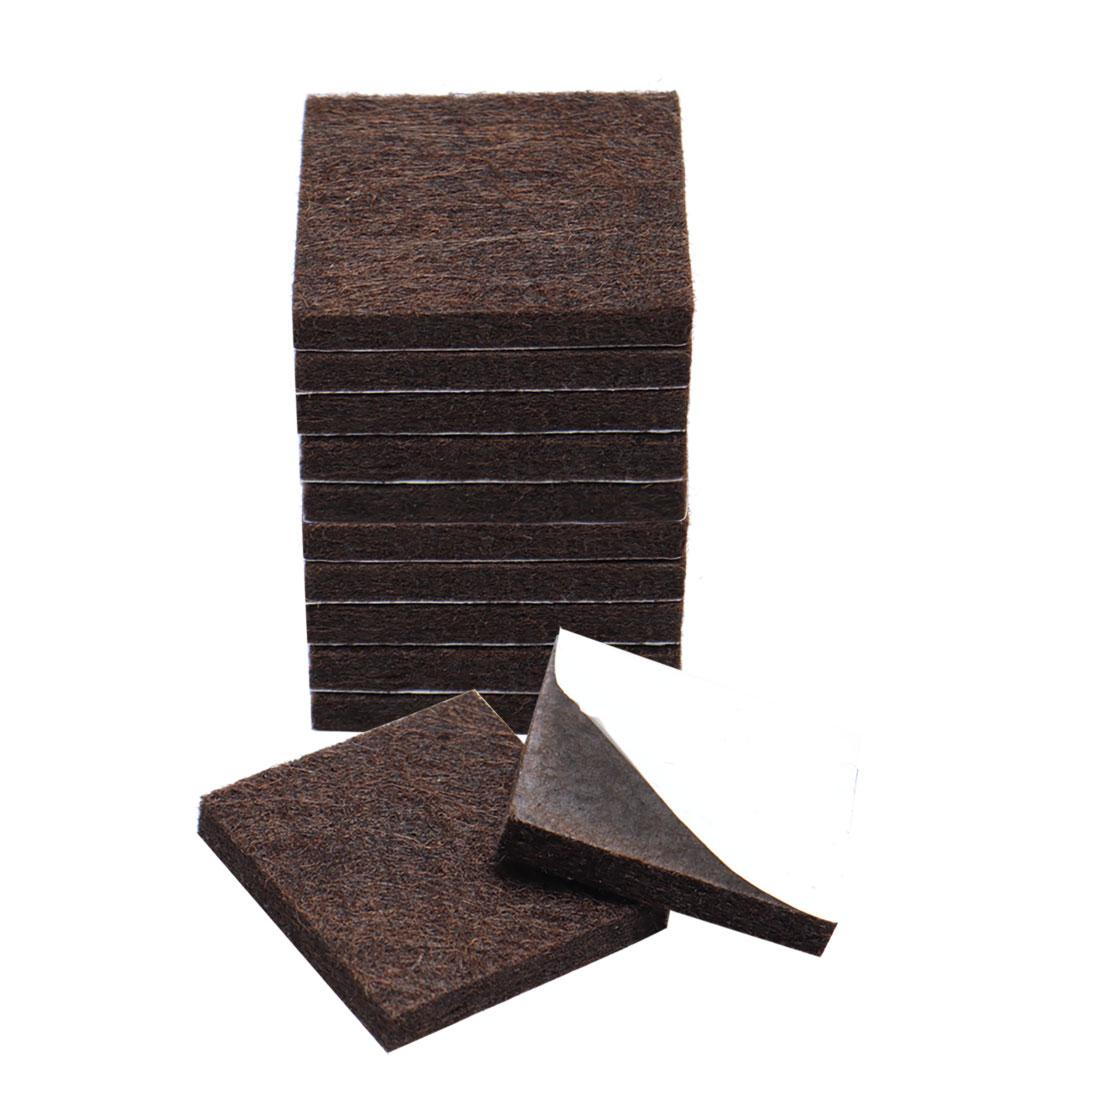 """Furniture Felt Pads Square 3/4"""" Anti-scratch for Furniture Cabinet Brown 12pcs"""